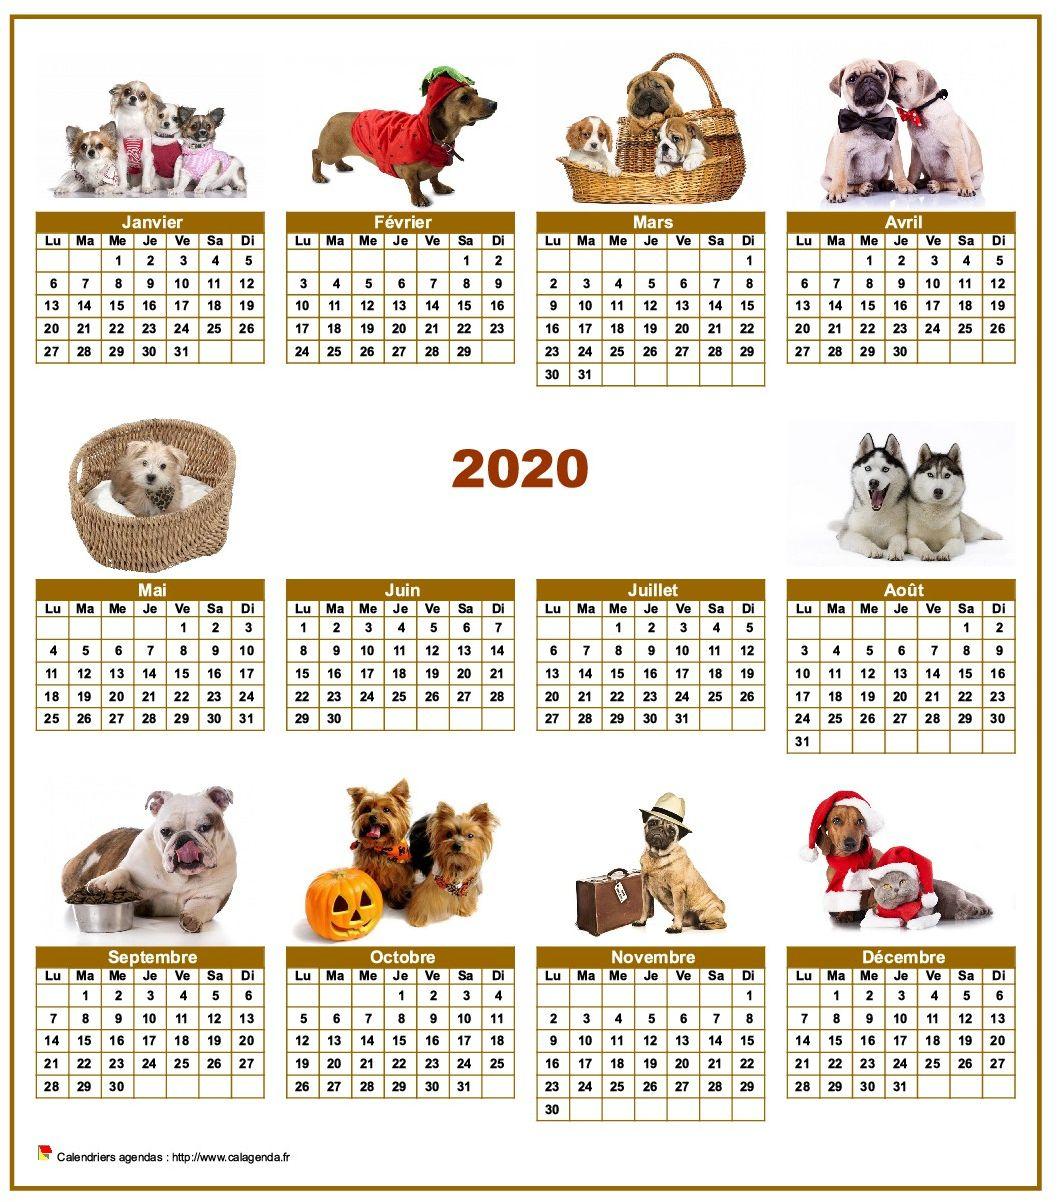 Calendrier 2020 annuel spécial 'chiens' avec 10 photos